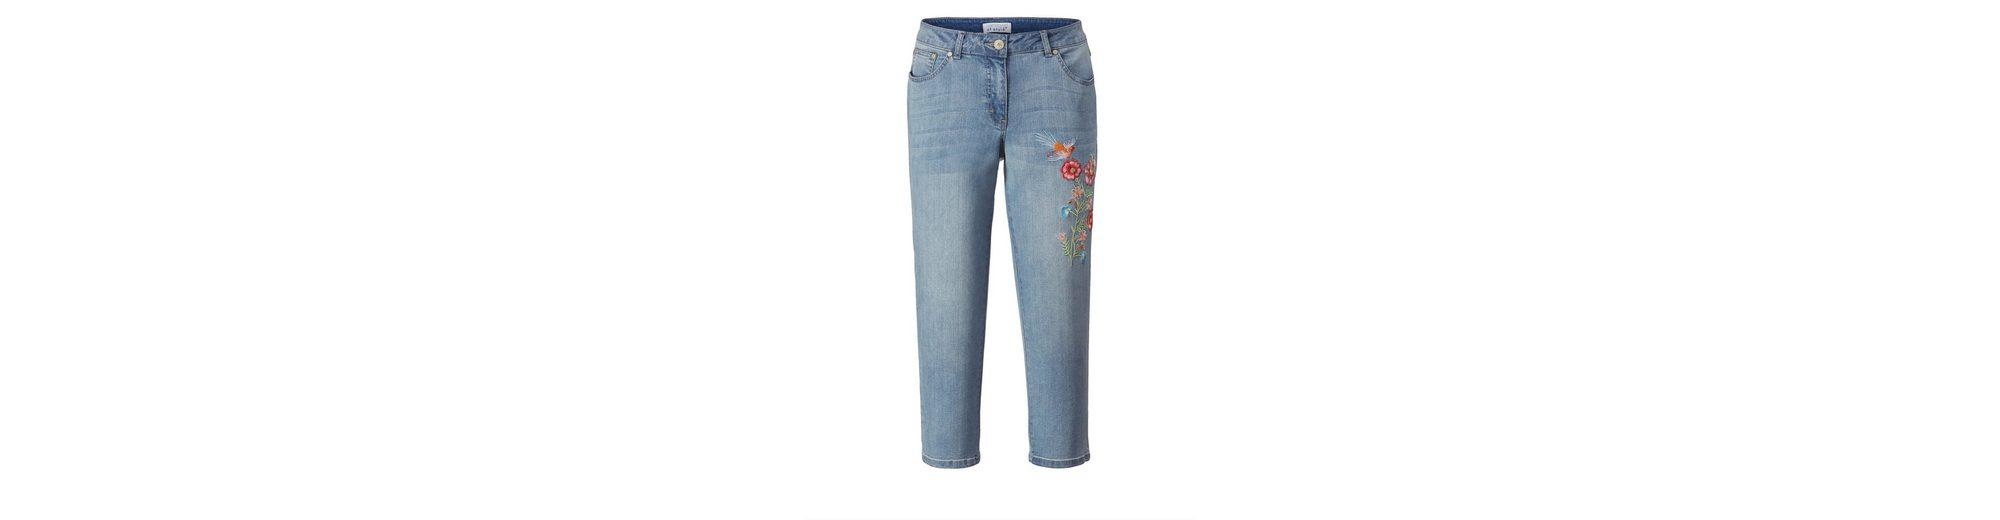 Angel of Style by Happy Size 7/8 Slim Fit Jeans mit Stickerei Verkauf 2018 Günstig Kaufen Zahlung Mit Visa 2018 Unisex Online vvvJzvhSZW